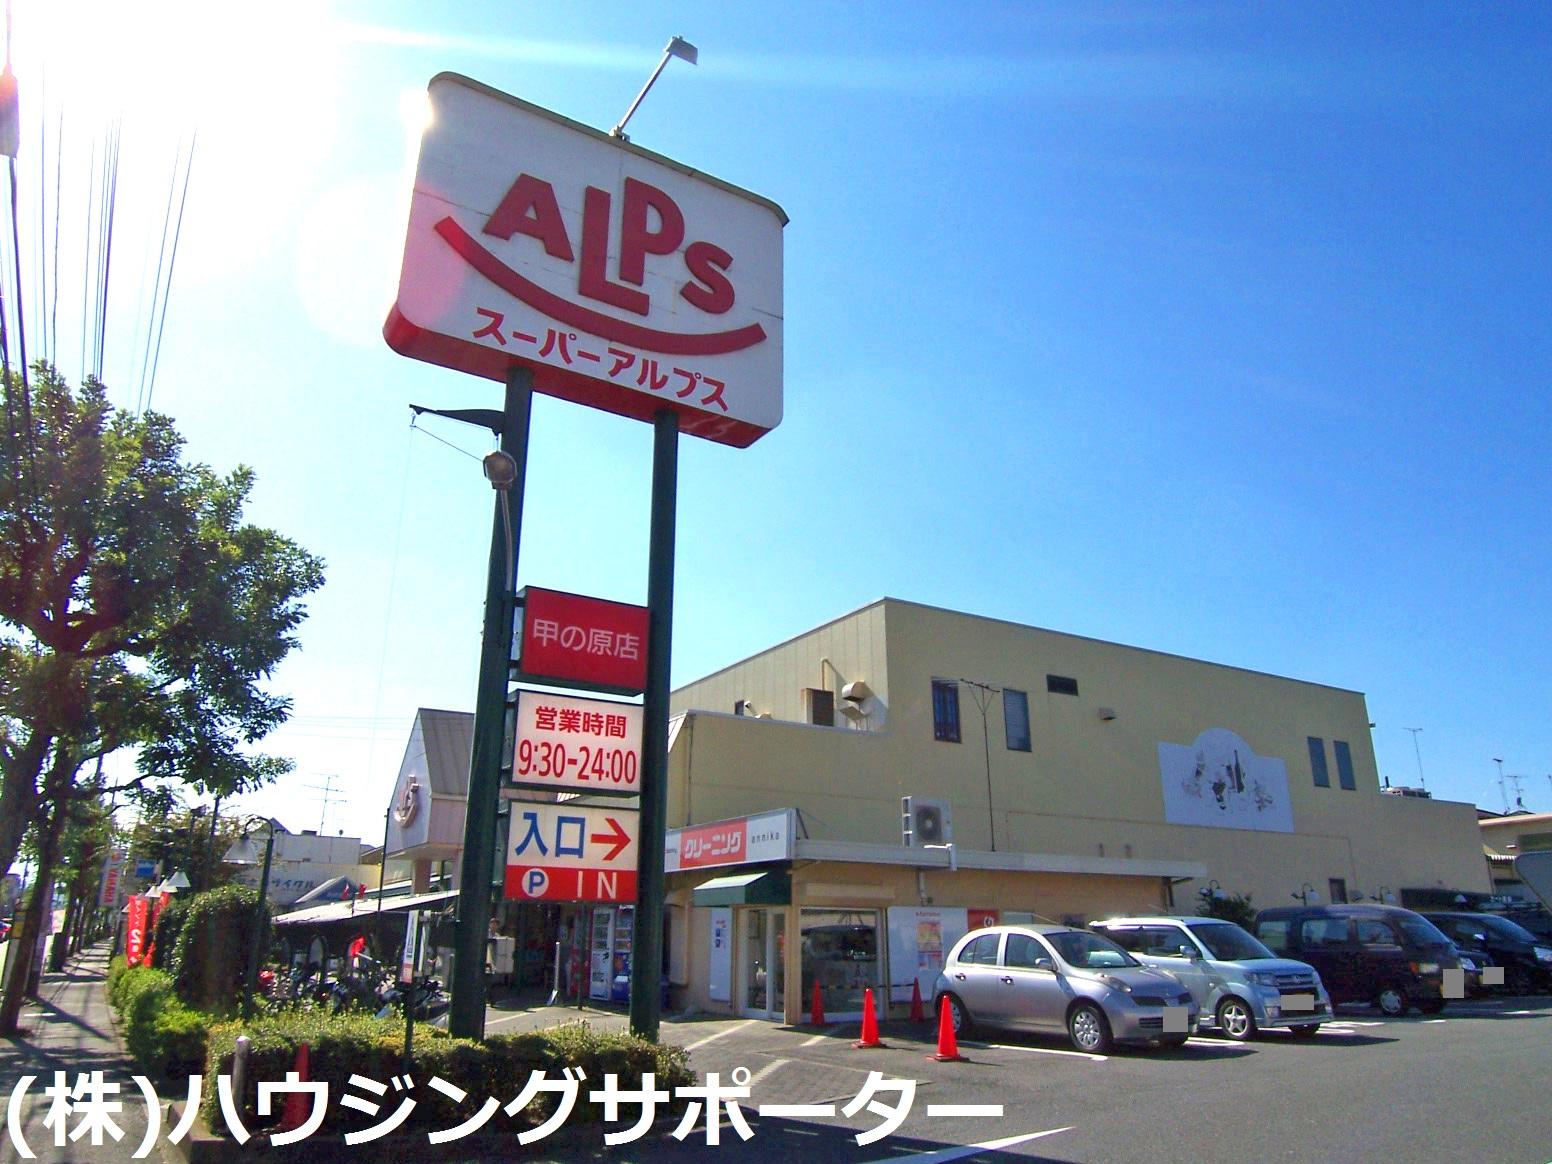 スーパー:スーパーアルプス 甲の原店 1266m